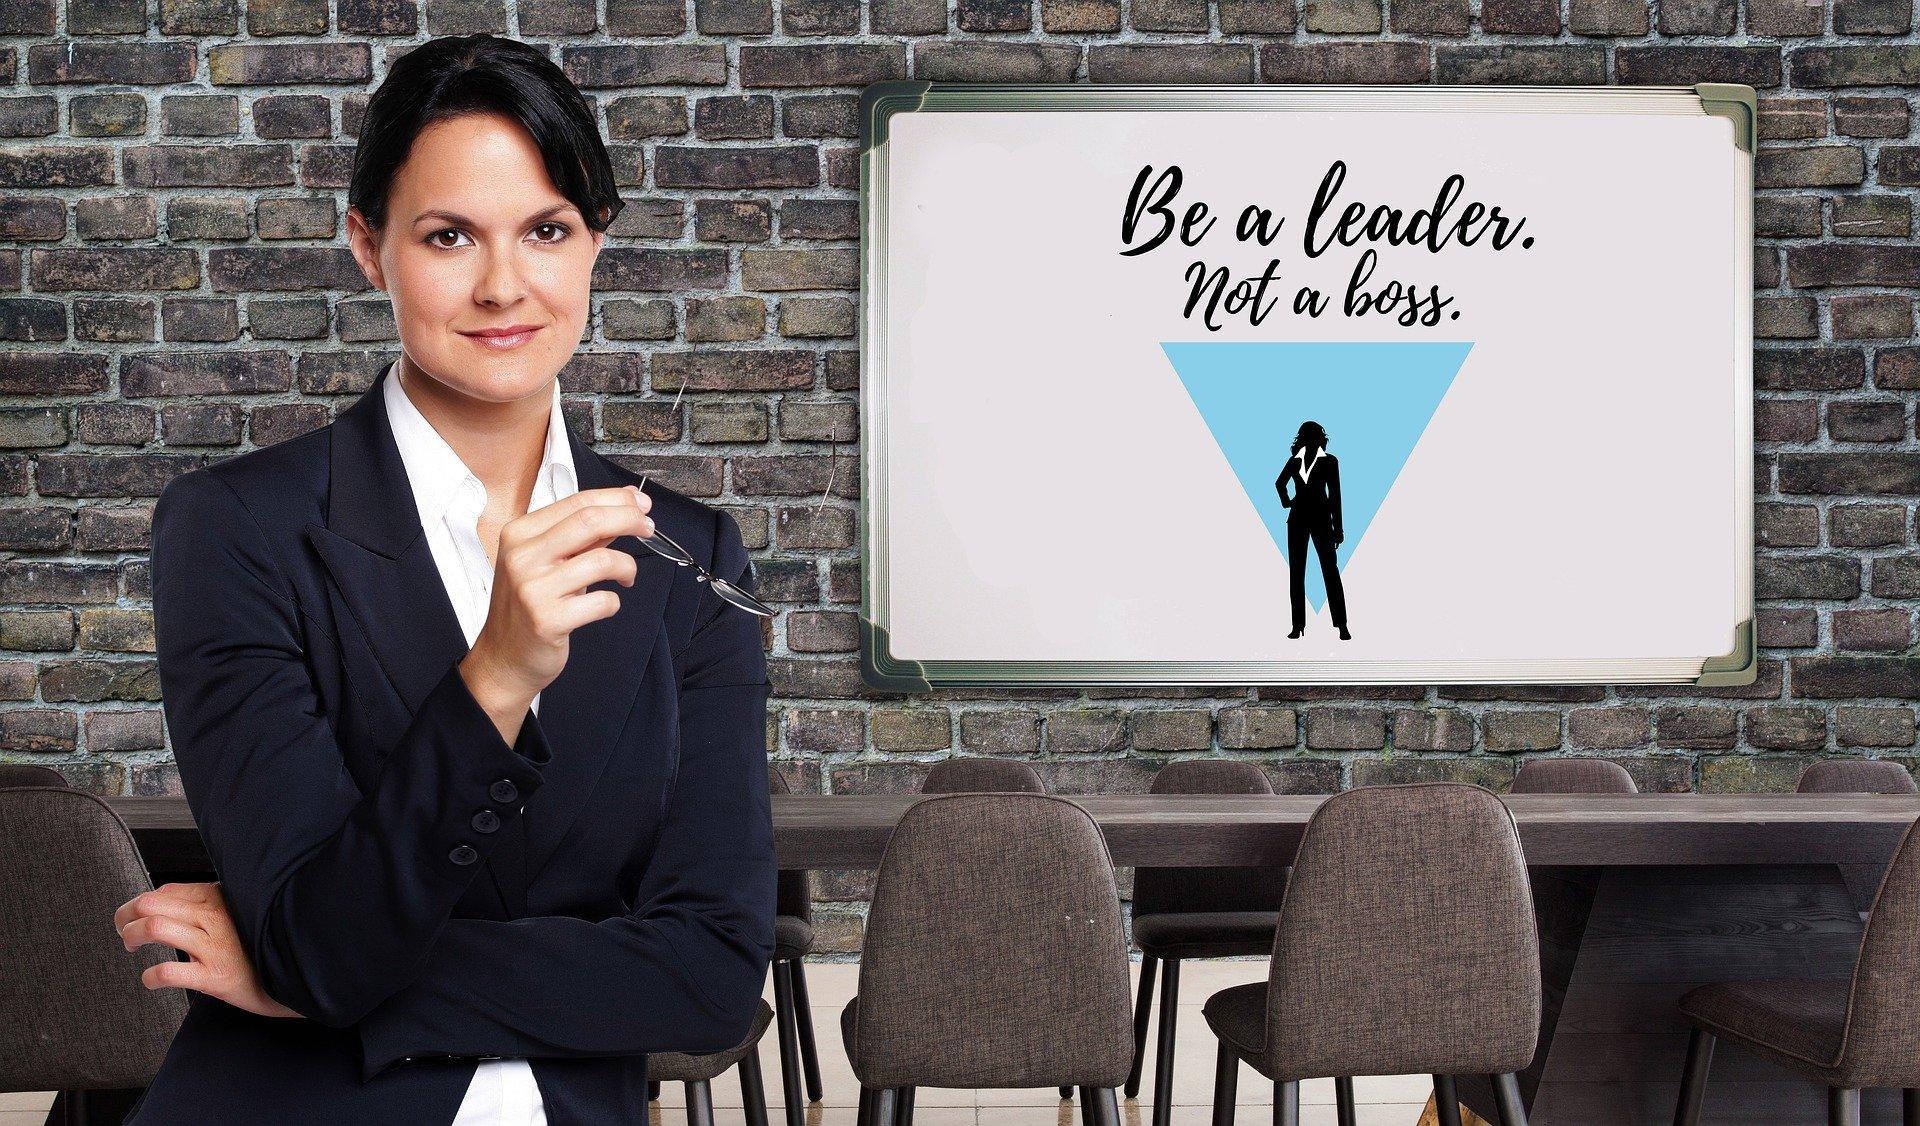 Leader not a Boss